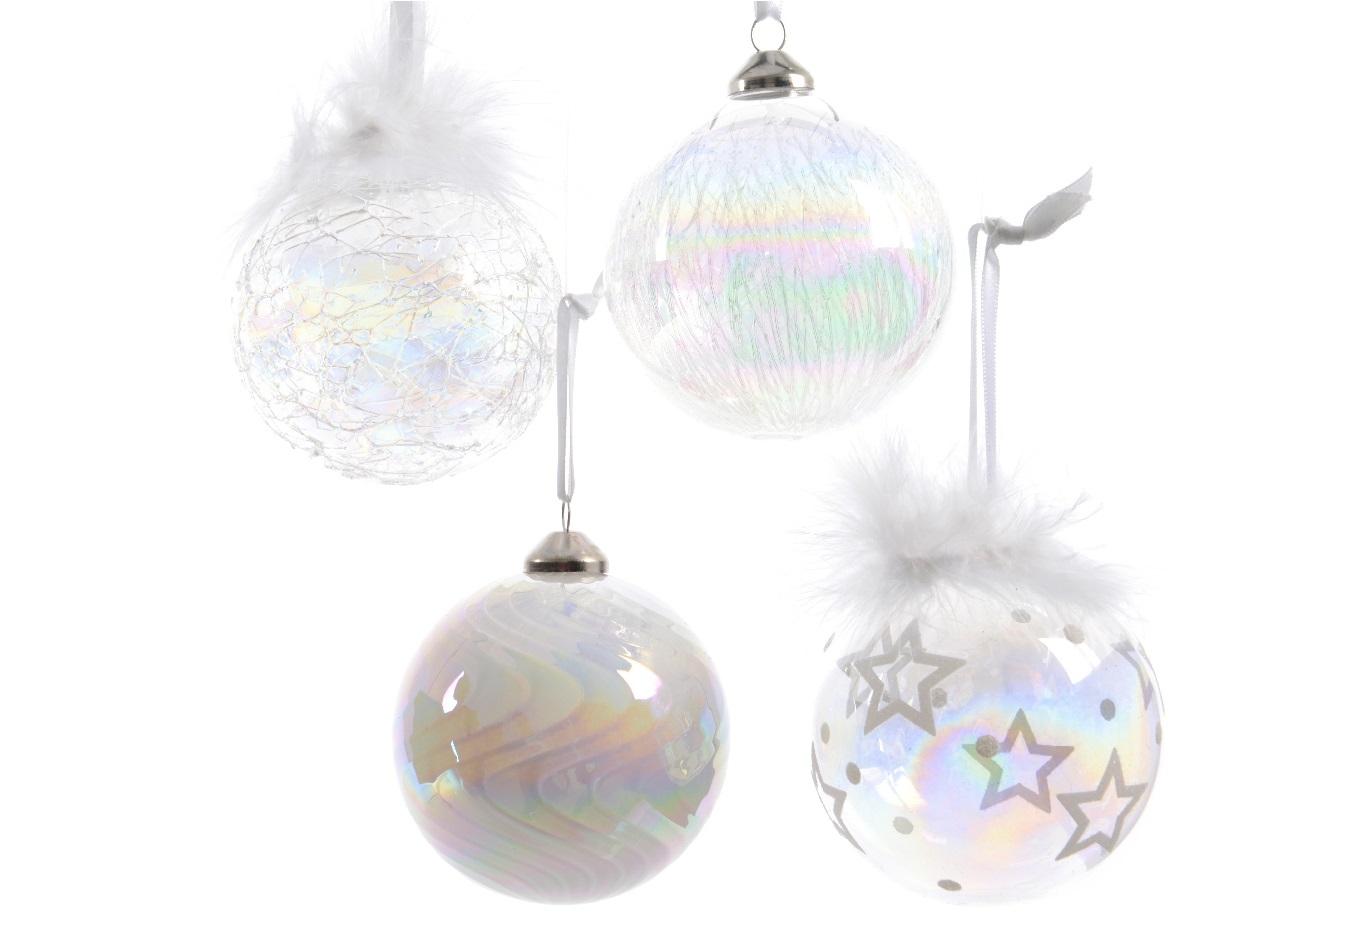 Набор шаров на ёлку (12шт)Новогодние игрушки<br><br><br>Material: Стекло<br>Width см: None<br>Depth см: None<br>Height см: 8<br>Diameter см: 8